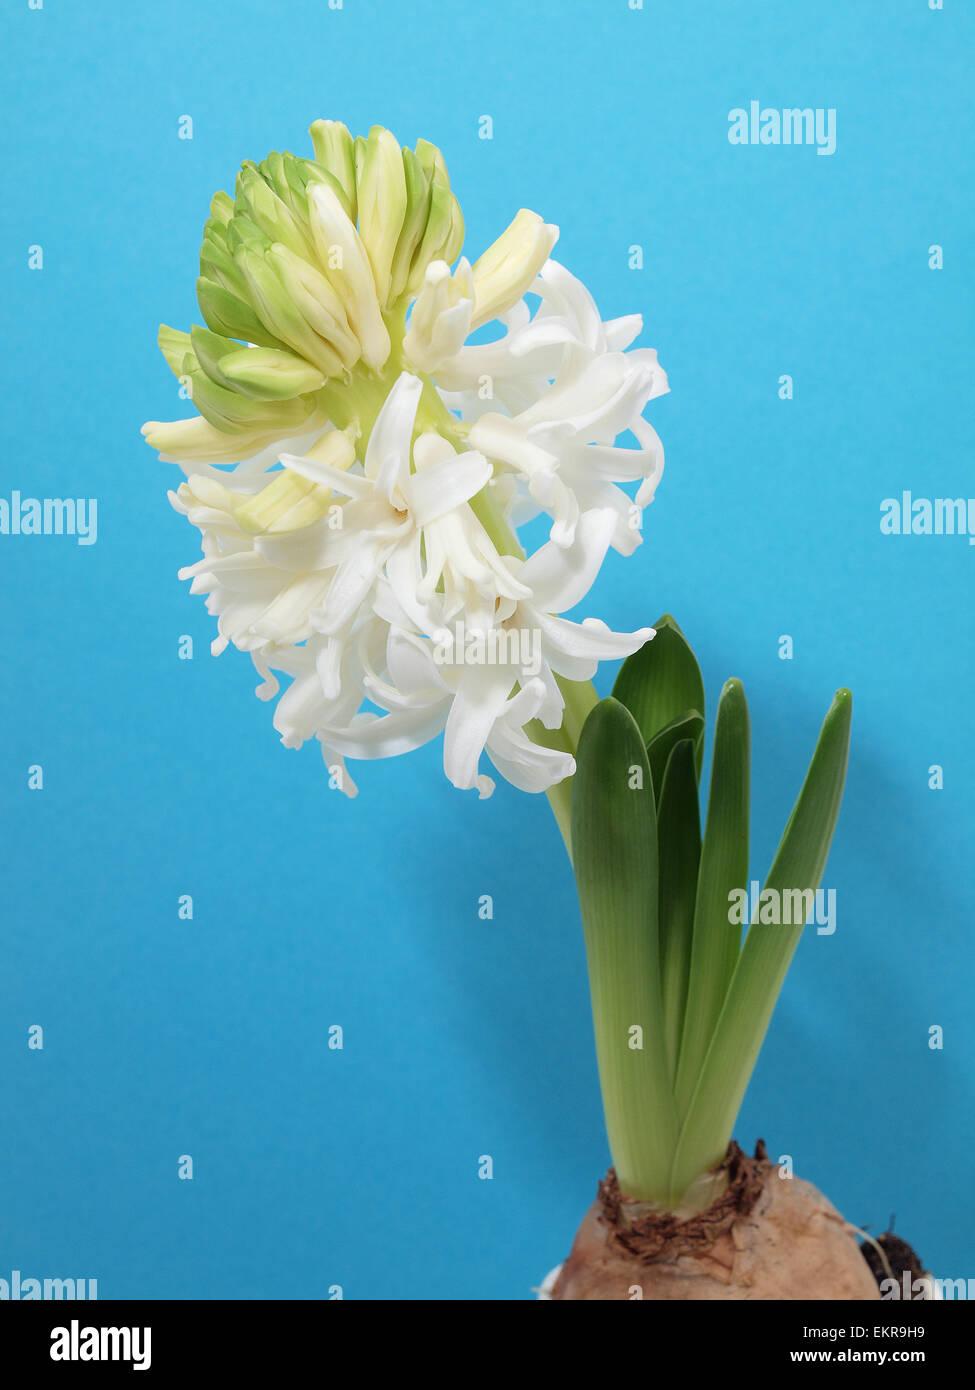 Spring white hyacinth - Stock Image